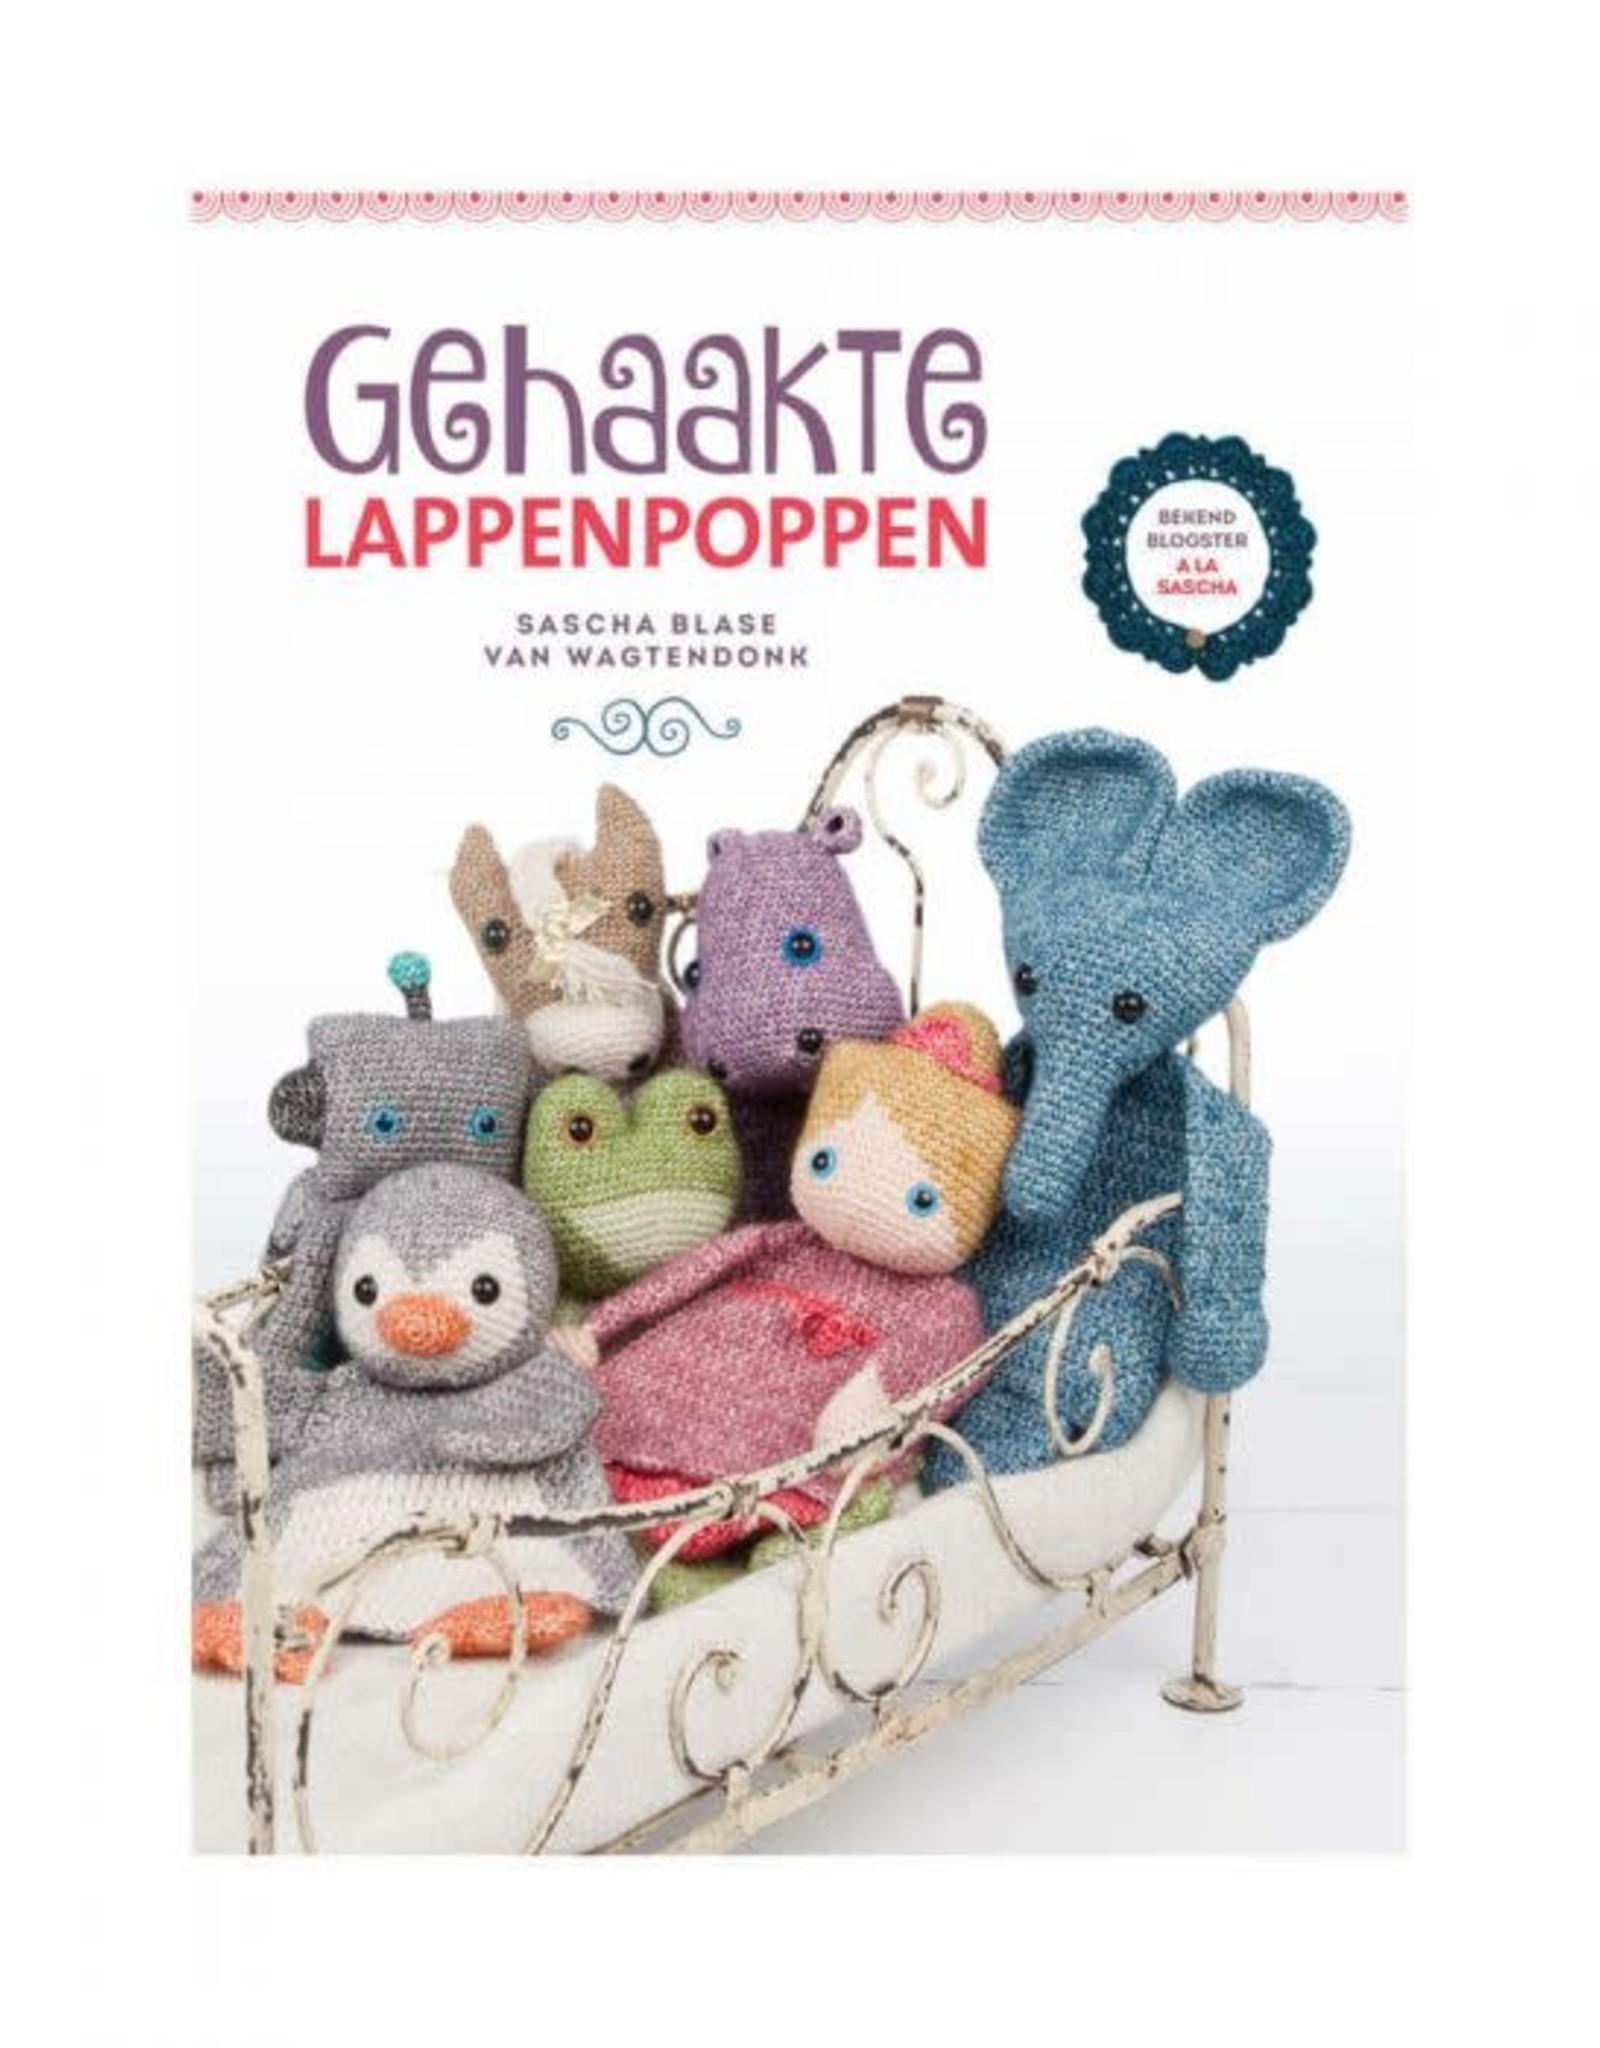 Gehaakte Lappenpoppen Auteur SASCHA BLASE-VAN WAGTENDONK